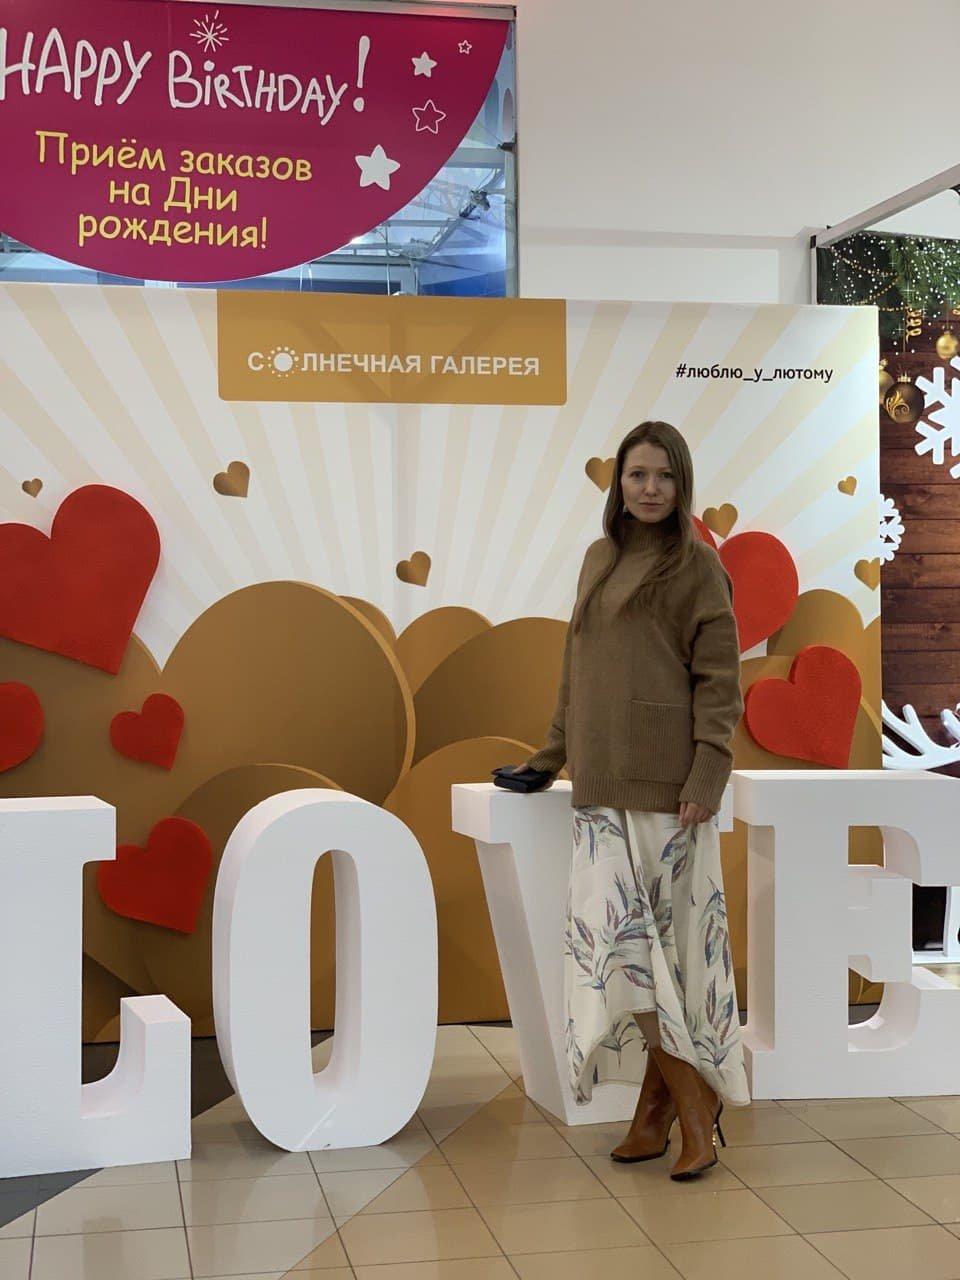 """Fashion&Profession: кто смог найти свой стиль в  ТРК """"Солнечная галерея""""  , фото-11"""